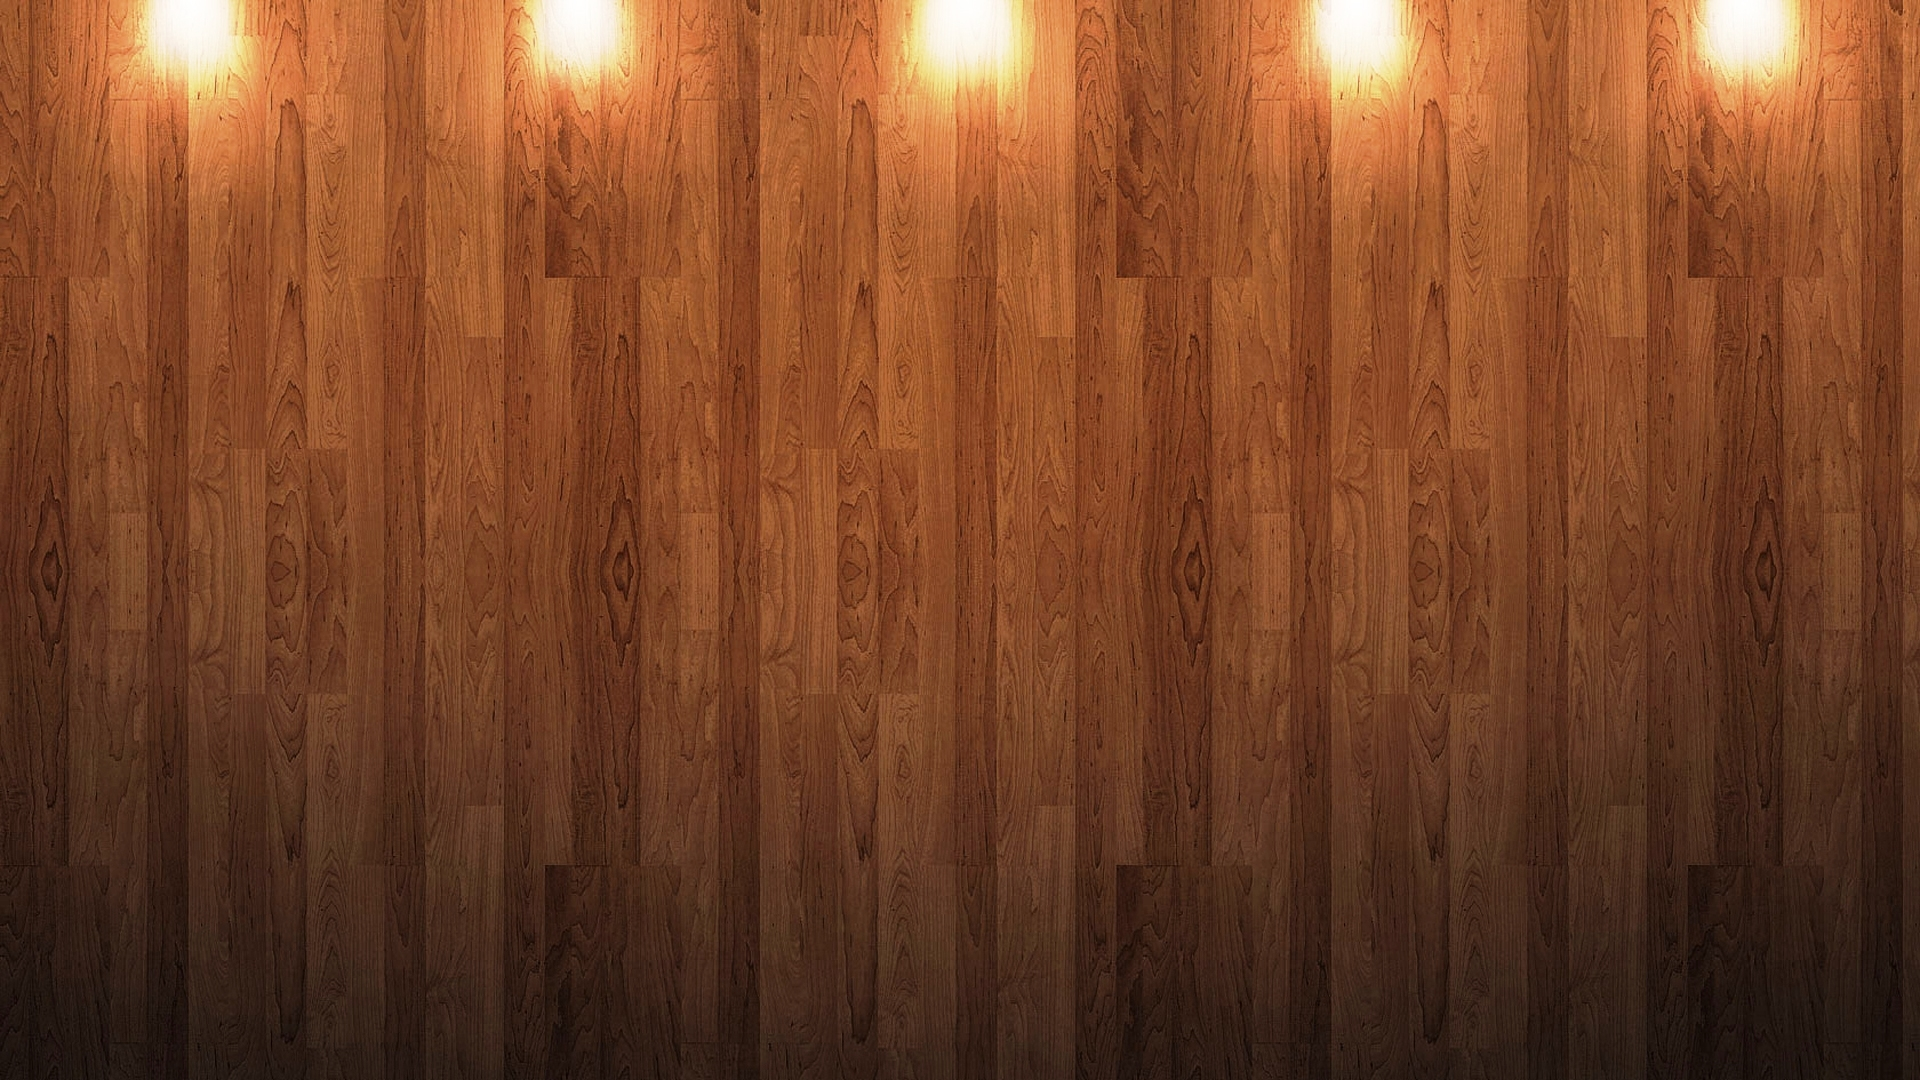 صوره خلفيات خشب , اجمل الصور والخلفيات الخشبية